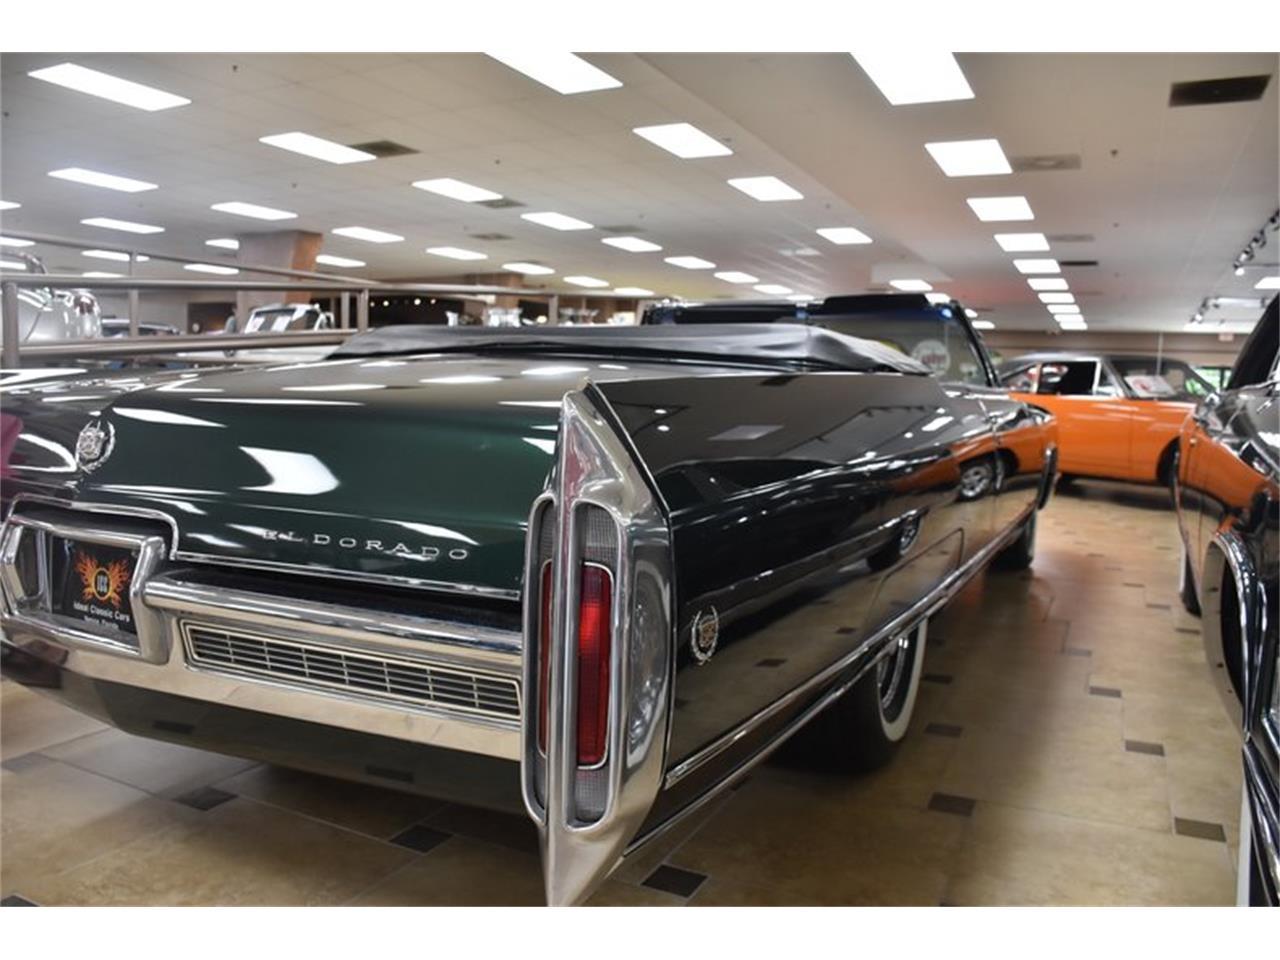 1966 Cadillac Eldorado for sale in Venice, FL